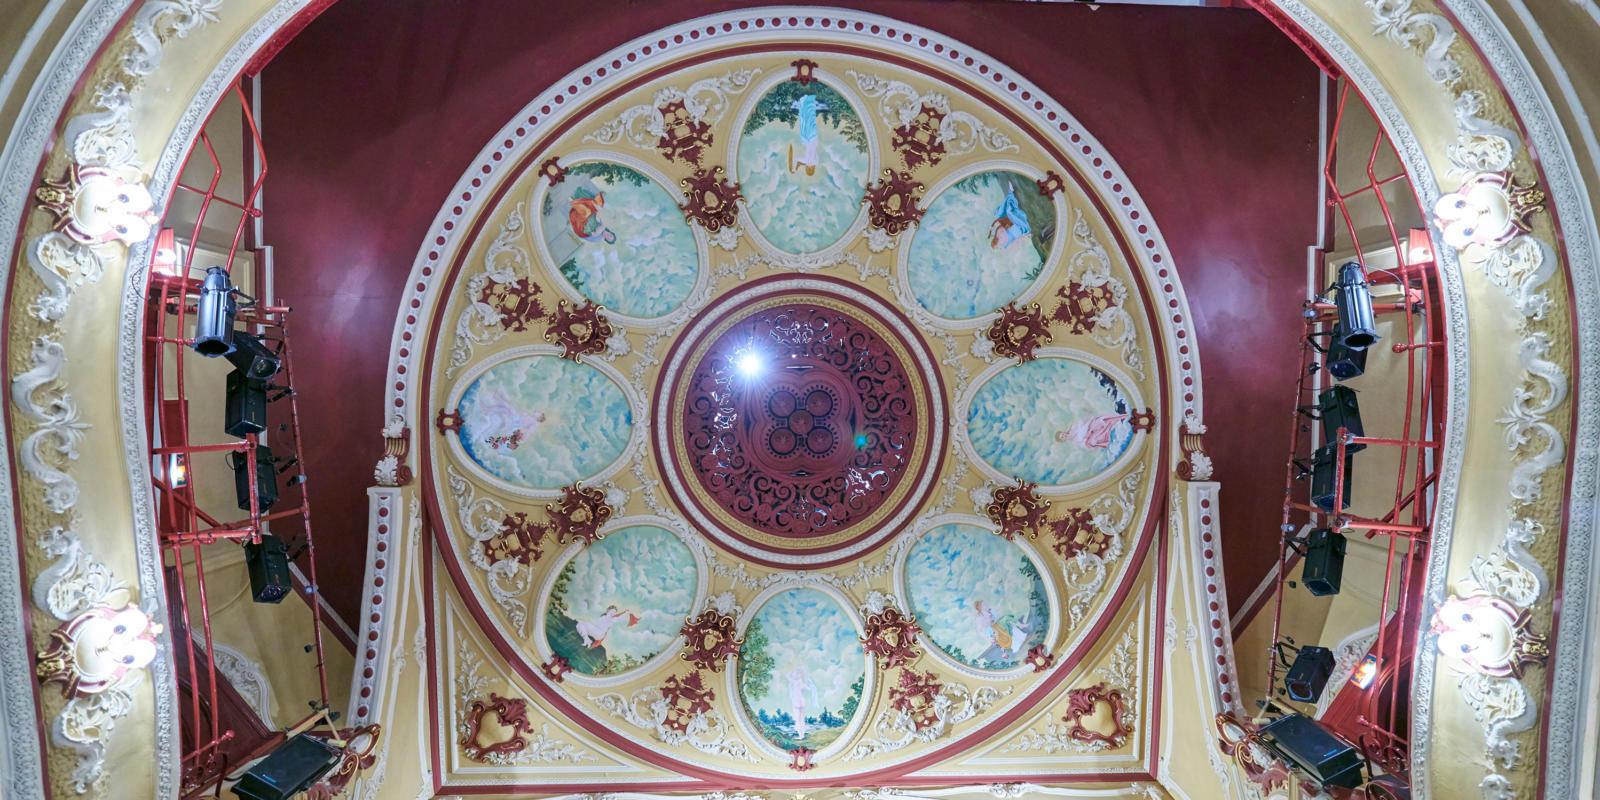 Theatre Royal Wakefield auditorium ceiling (c) Paul White